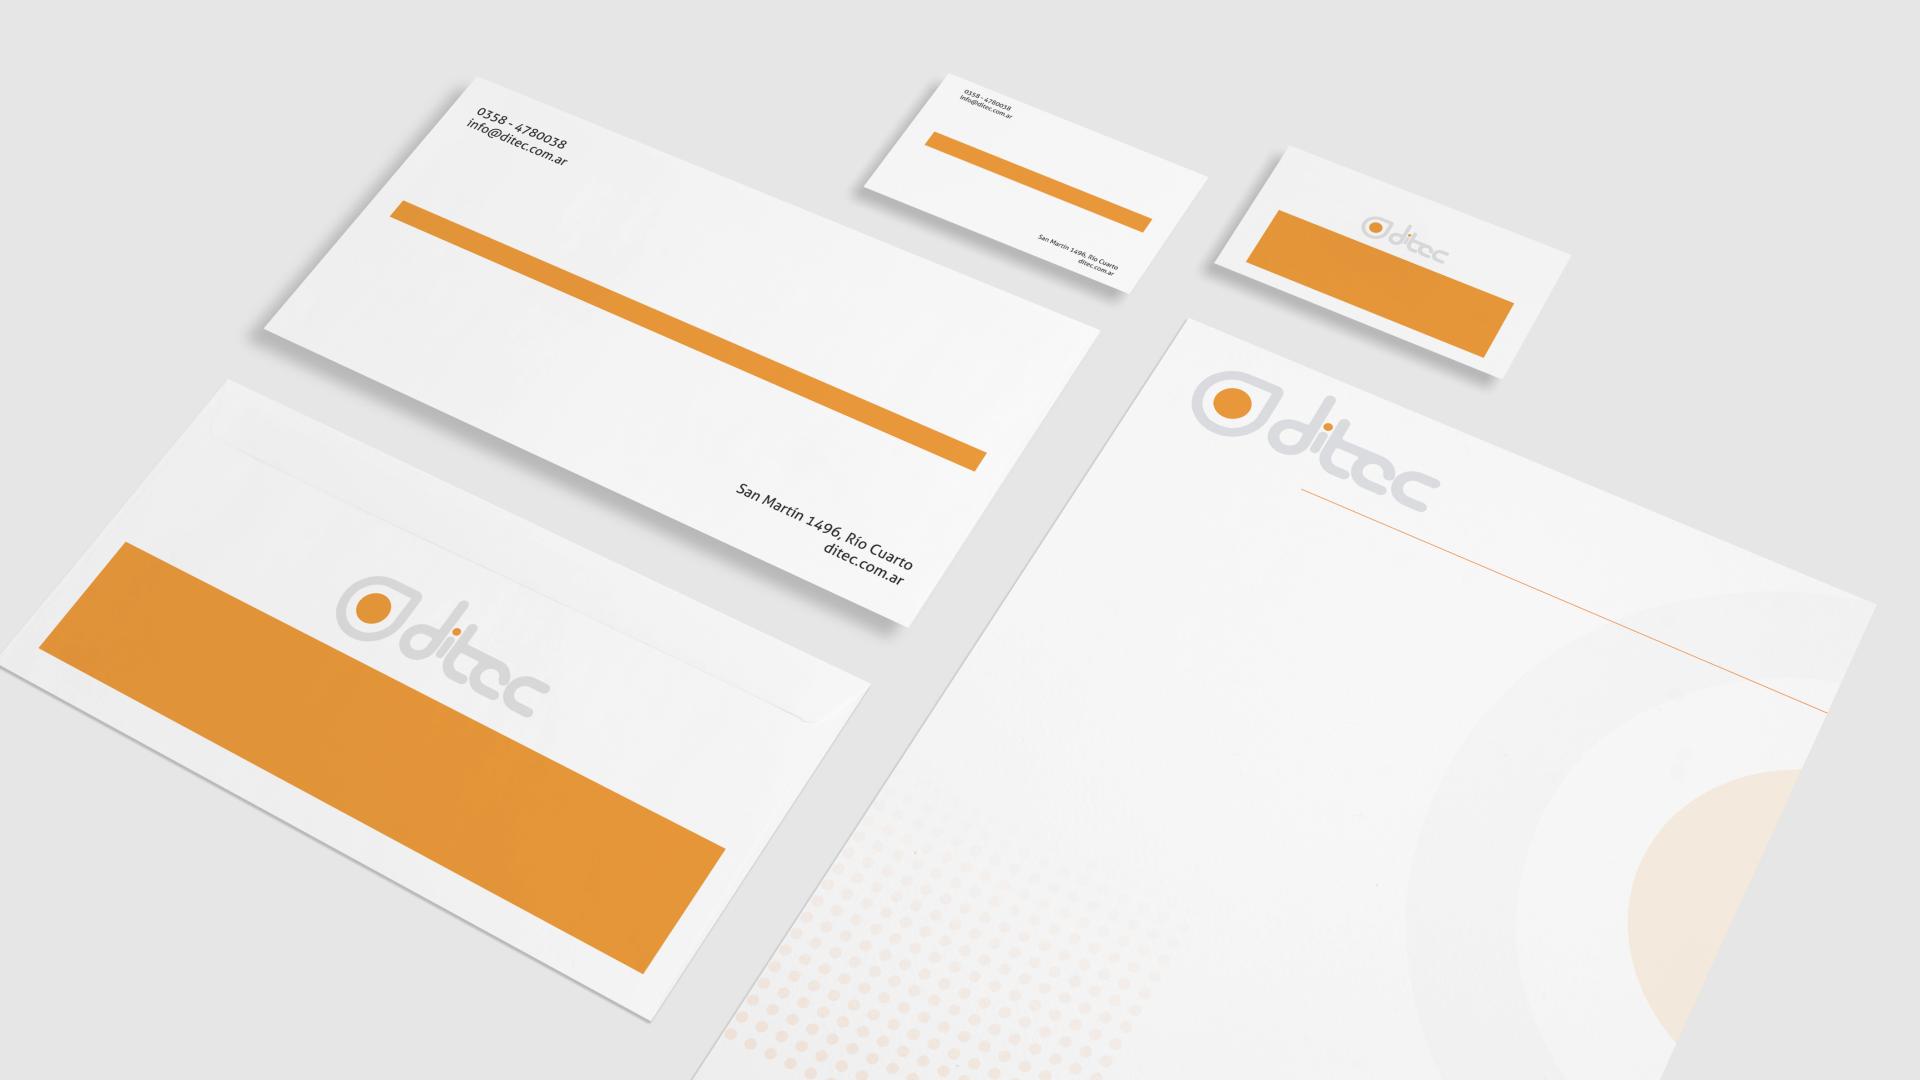 Desarrollo de marca para Ditec - Aplicación de marca